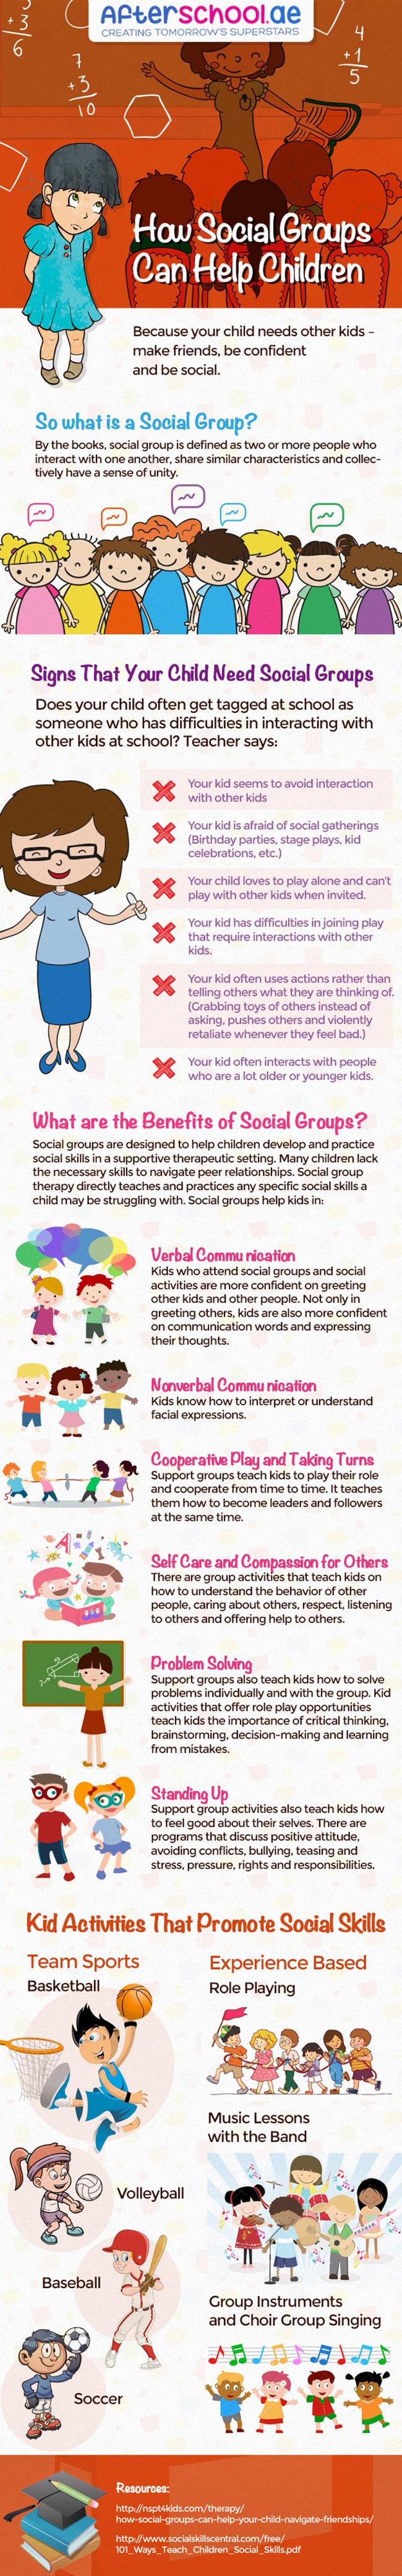 how to help preschoolers develop social skills